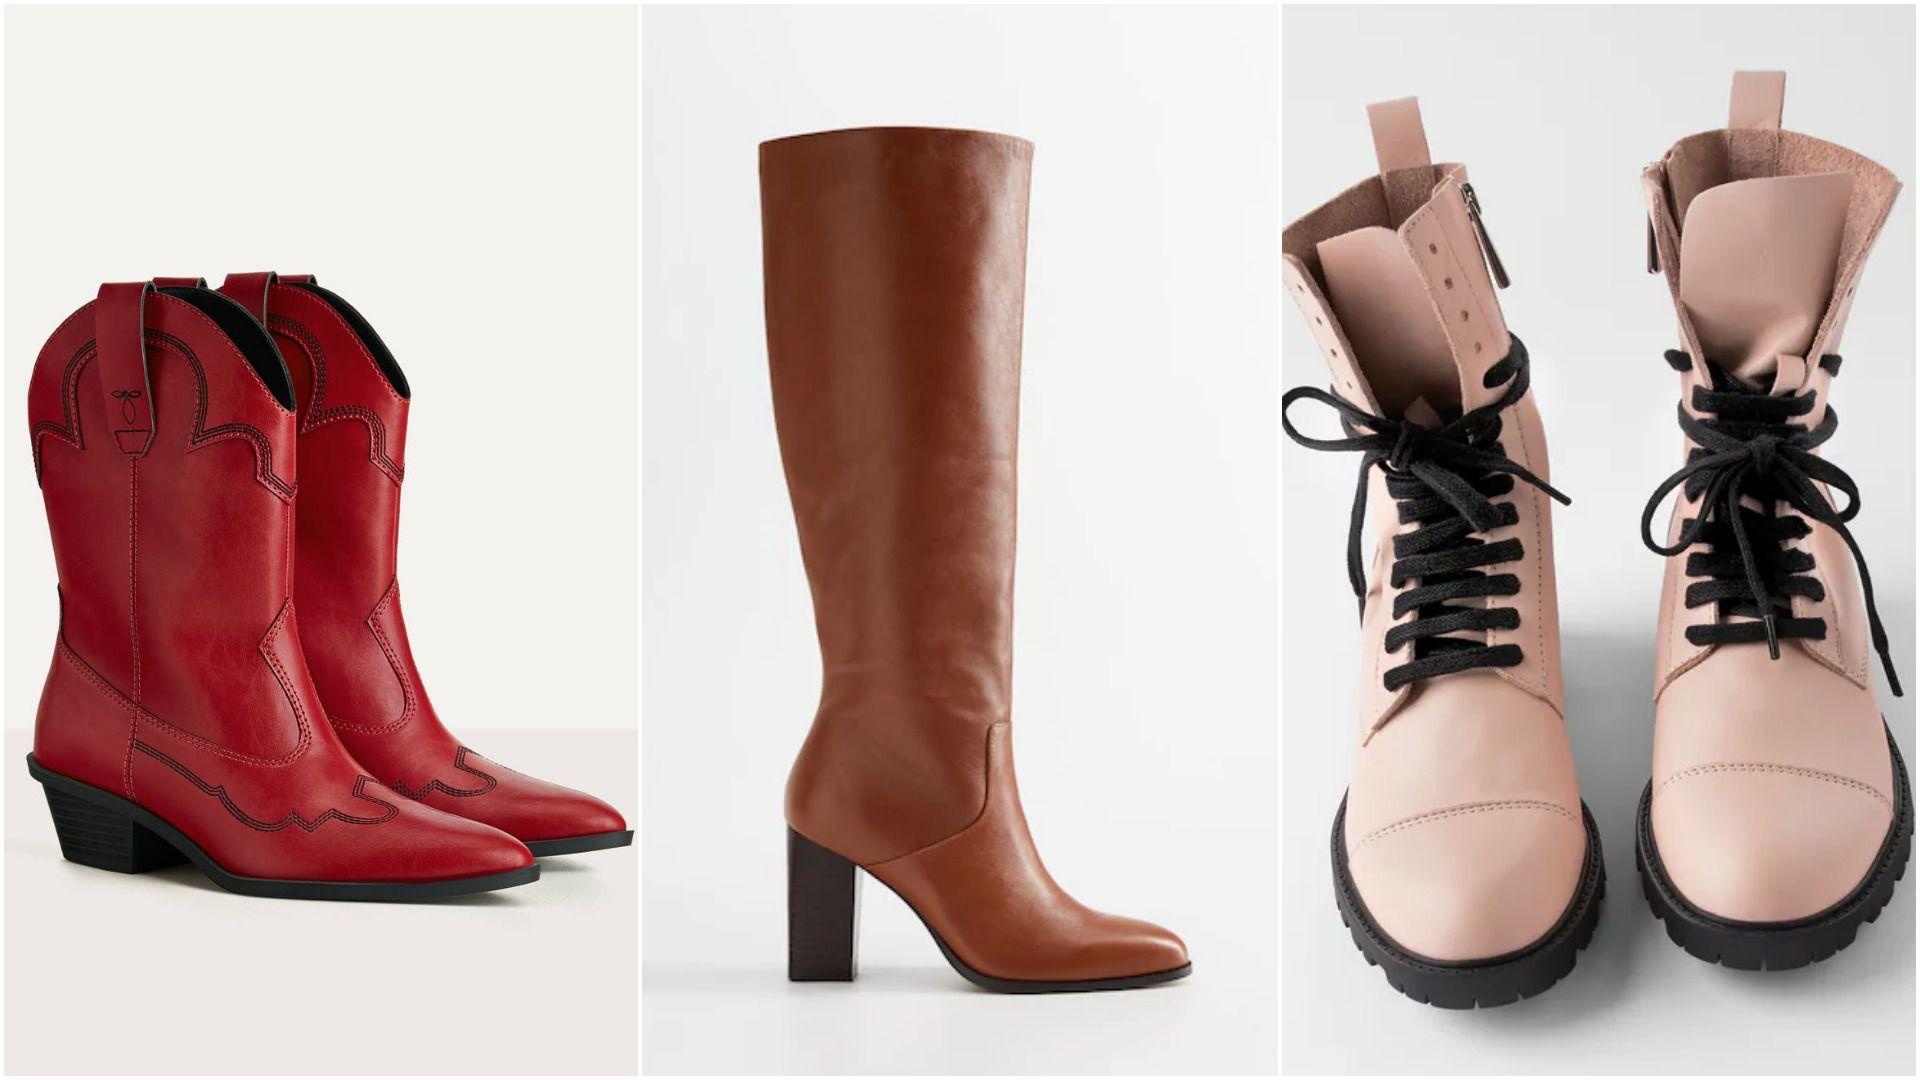 Čizme i gležnjače od 149 kn koje se isplati kupiti na sniženju i nositi na jesen